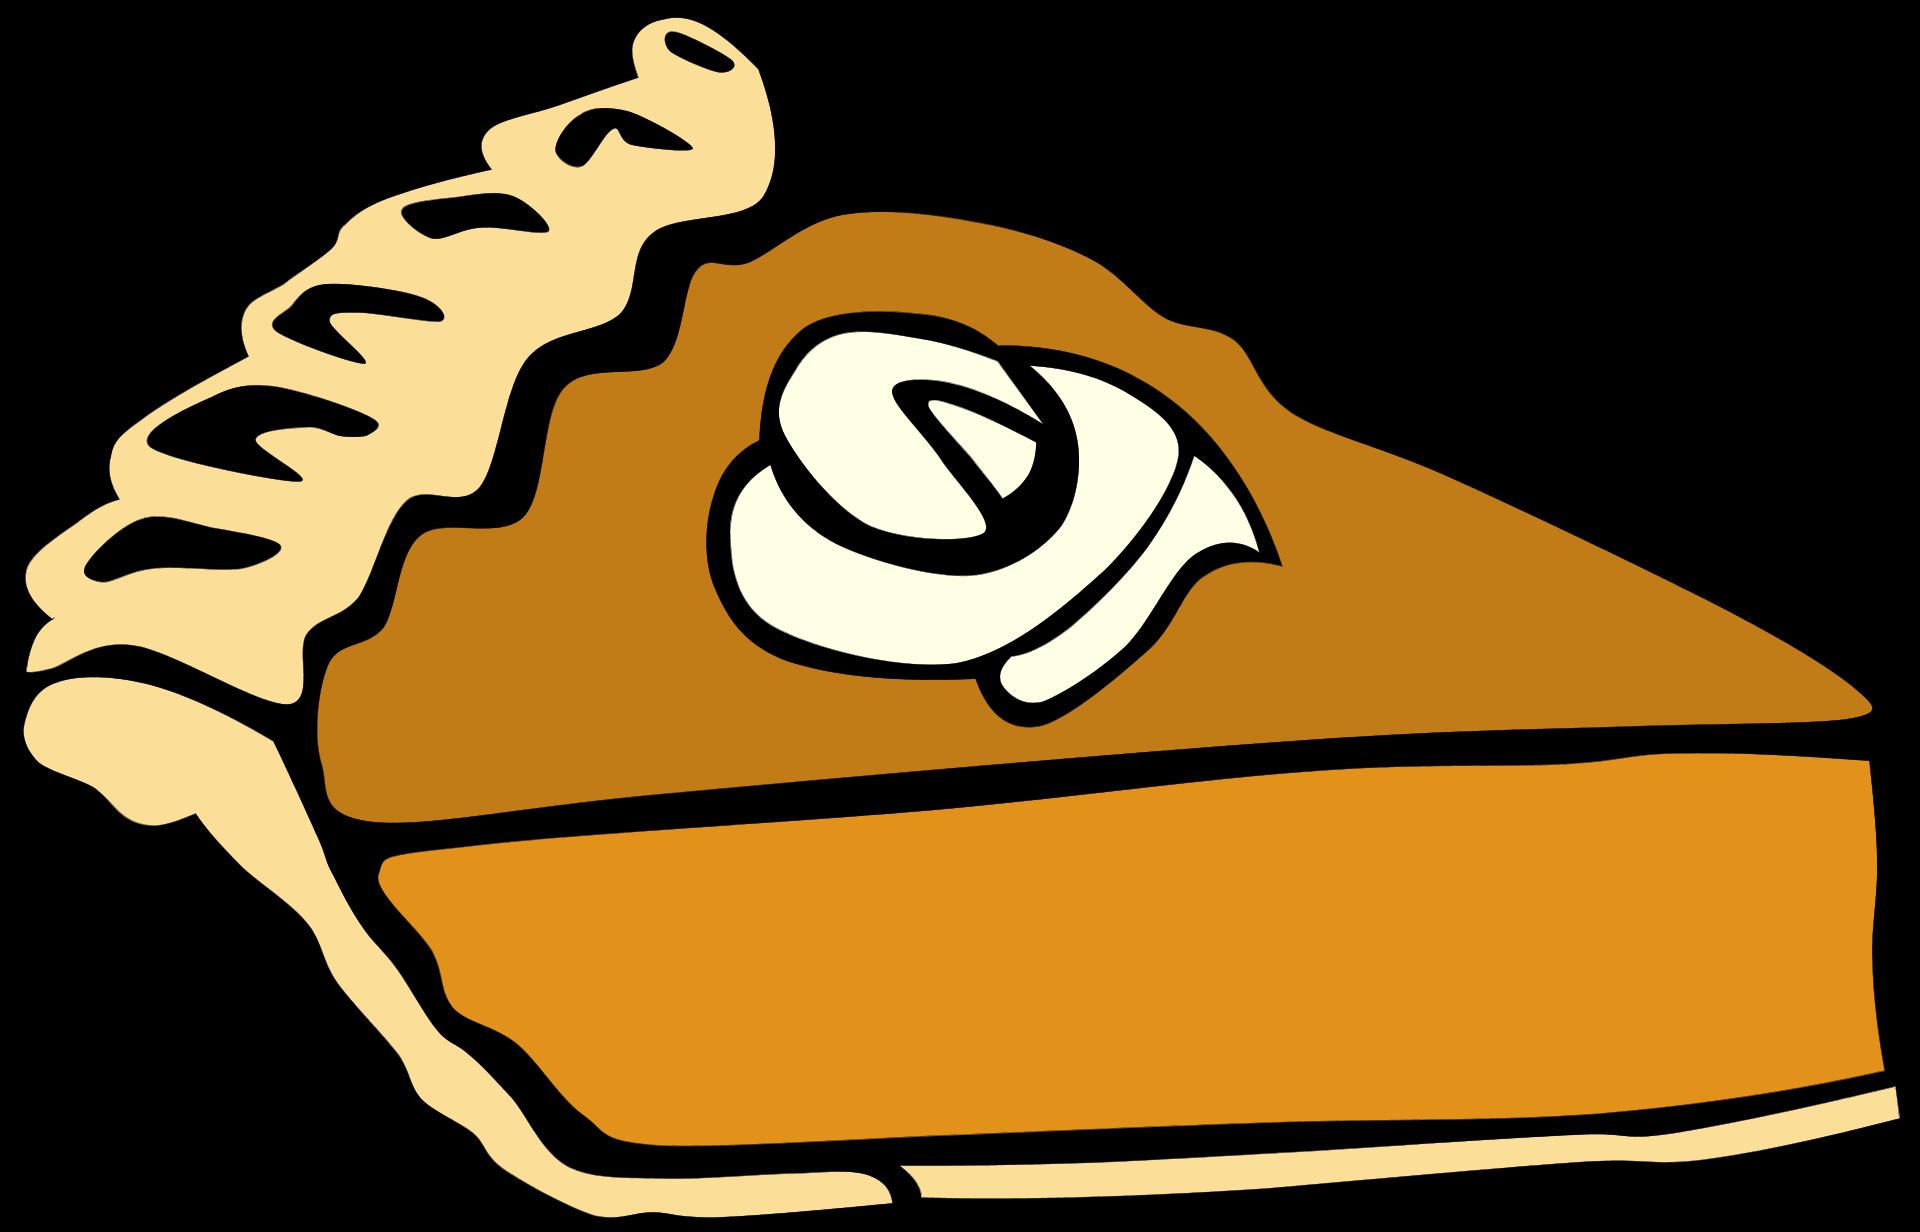 Dessert clip art 2